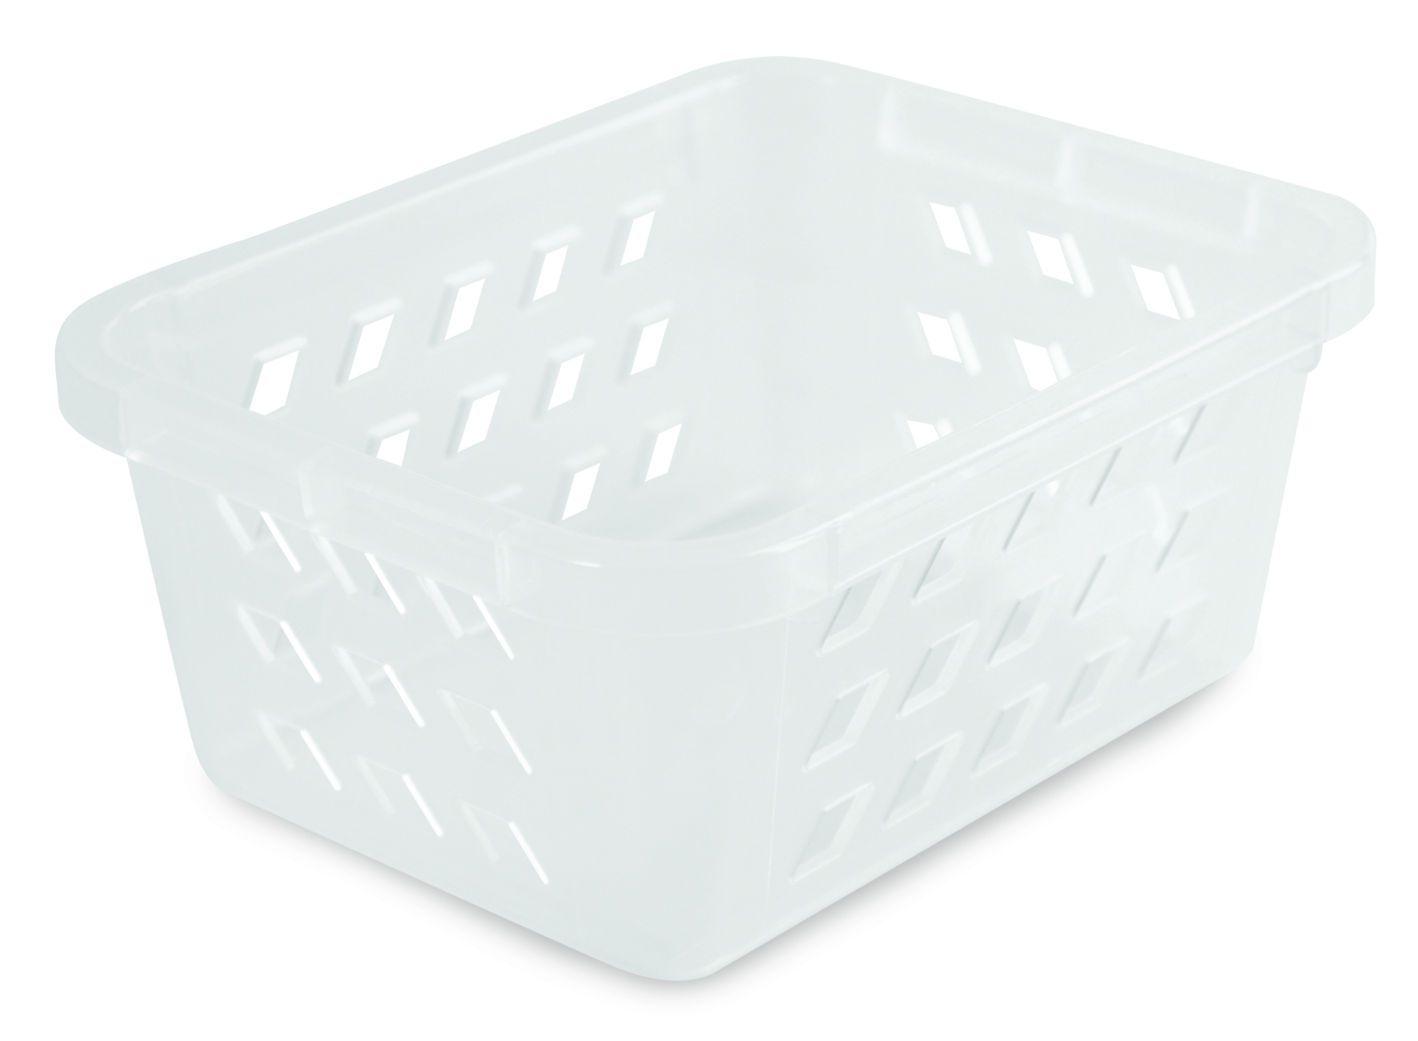 Cestinha Mini 14,2 x 11,0 x 6,3 cm Plástica Transparente